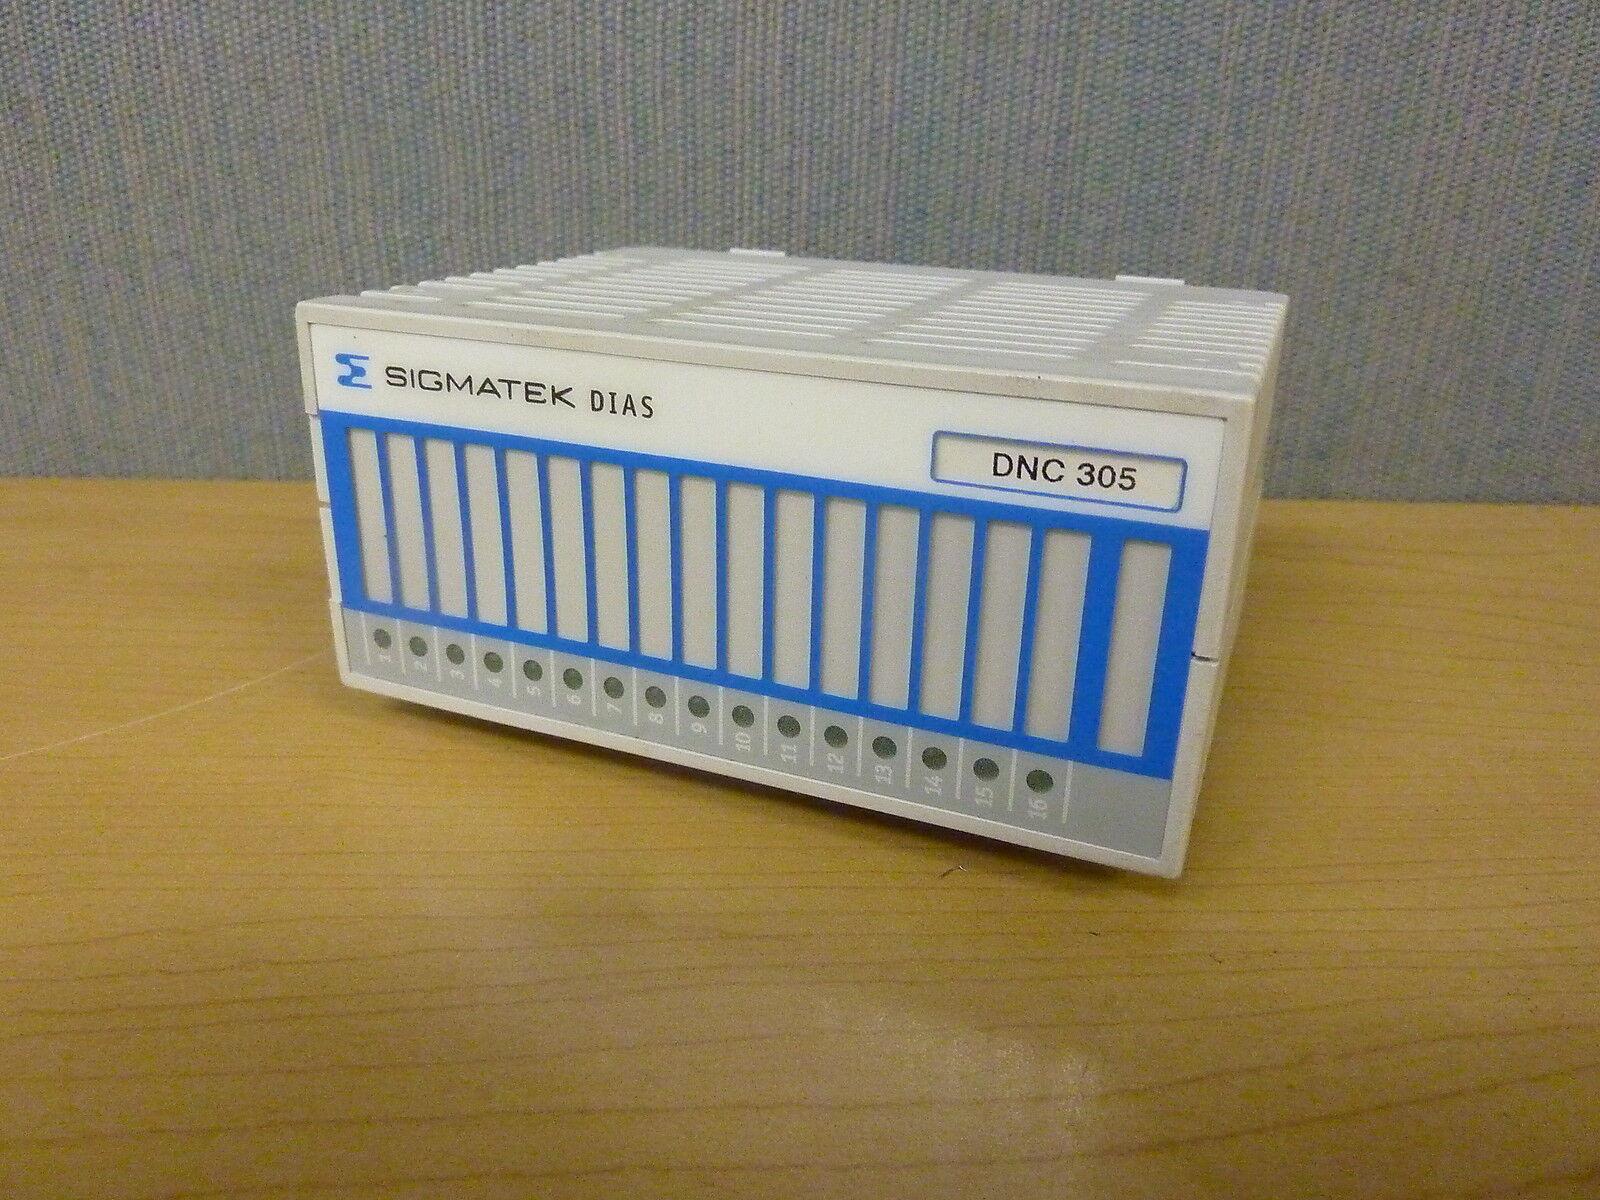 Sigmatek DIAS DNC305 05-011-305  16 Channel Input Module  (13260)